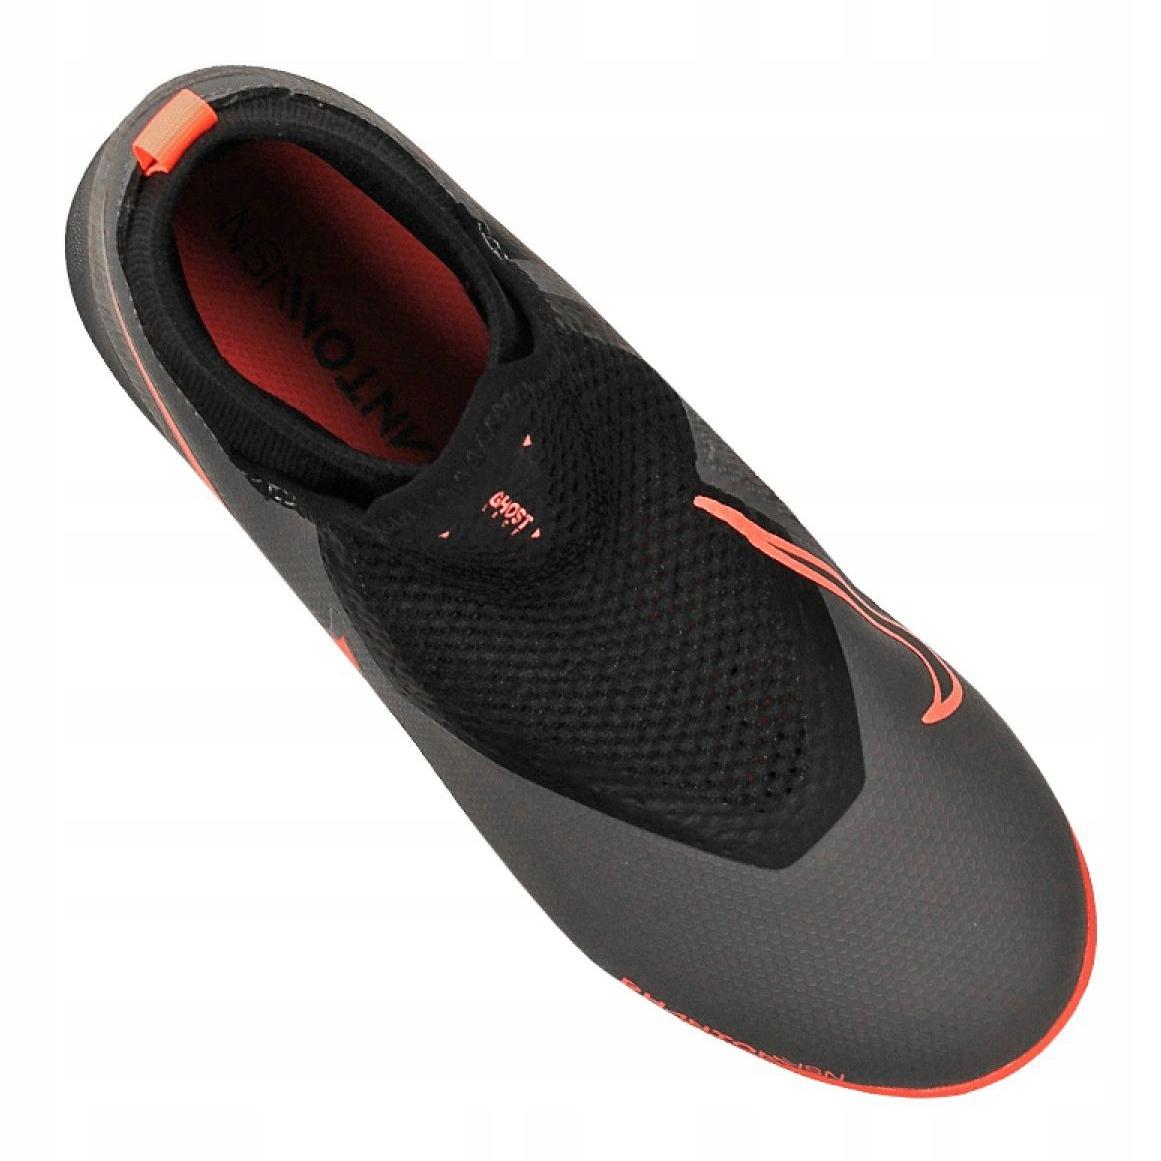 Vásárlás: Nike cipő terem Nike Phantom VSN Academy DF IC M